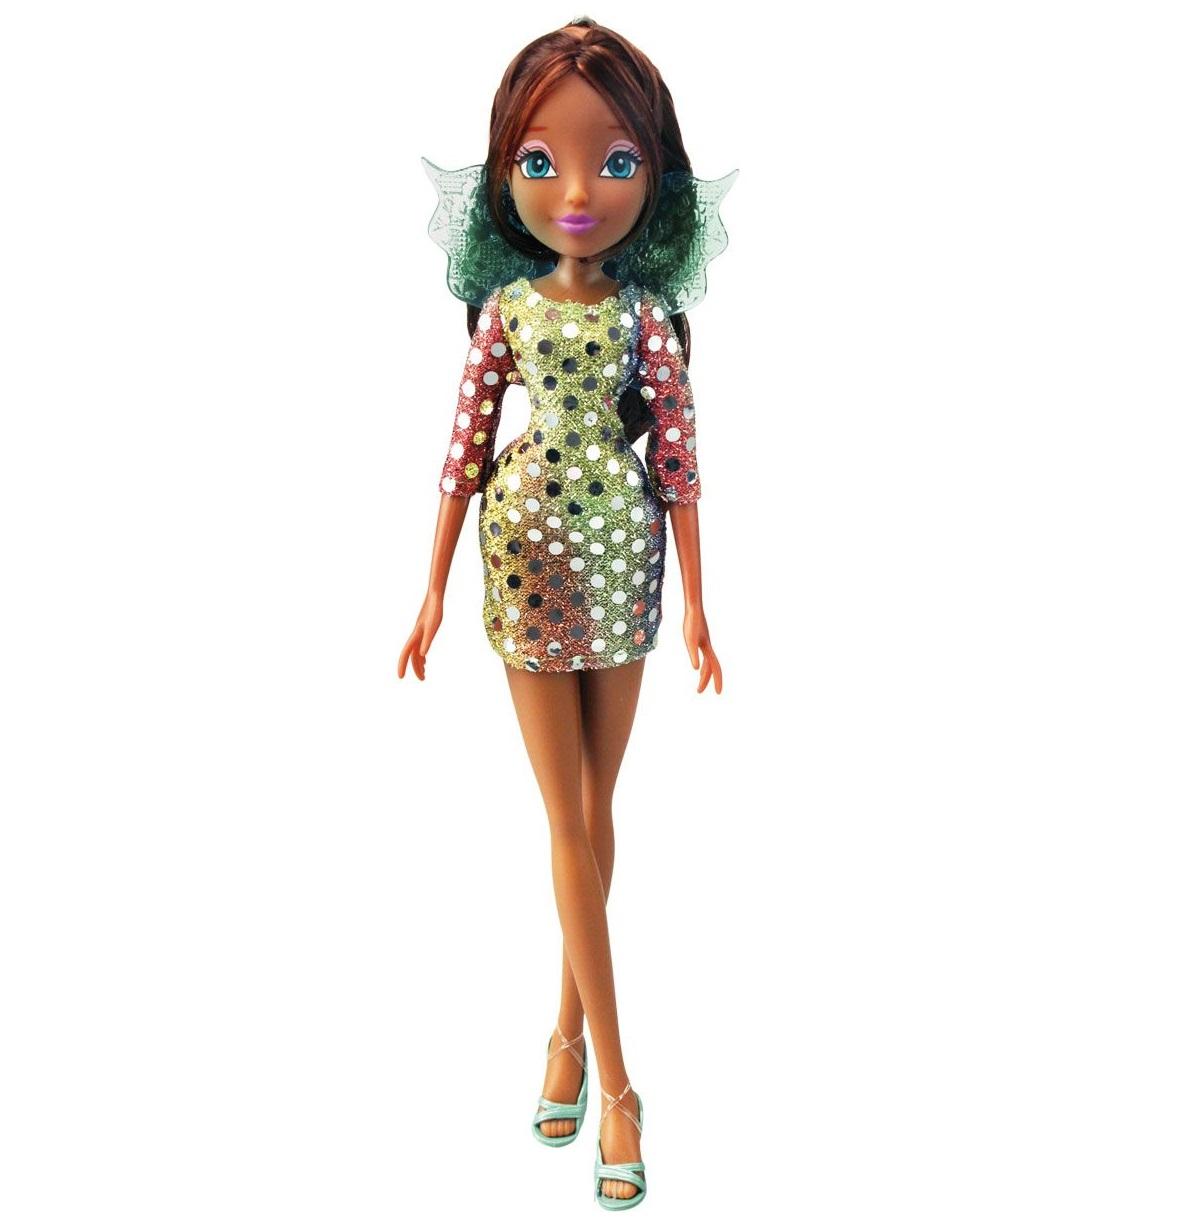 Кукла Winx Club - Диско LaylaКуклы Винкс (Winx)<br>Кукла Winx Club - Диско Layla<br>